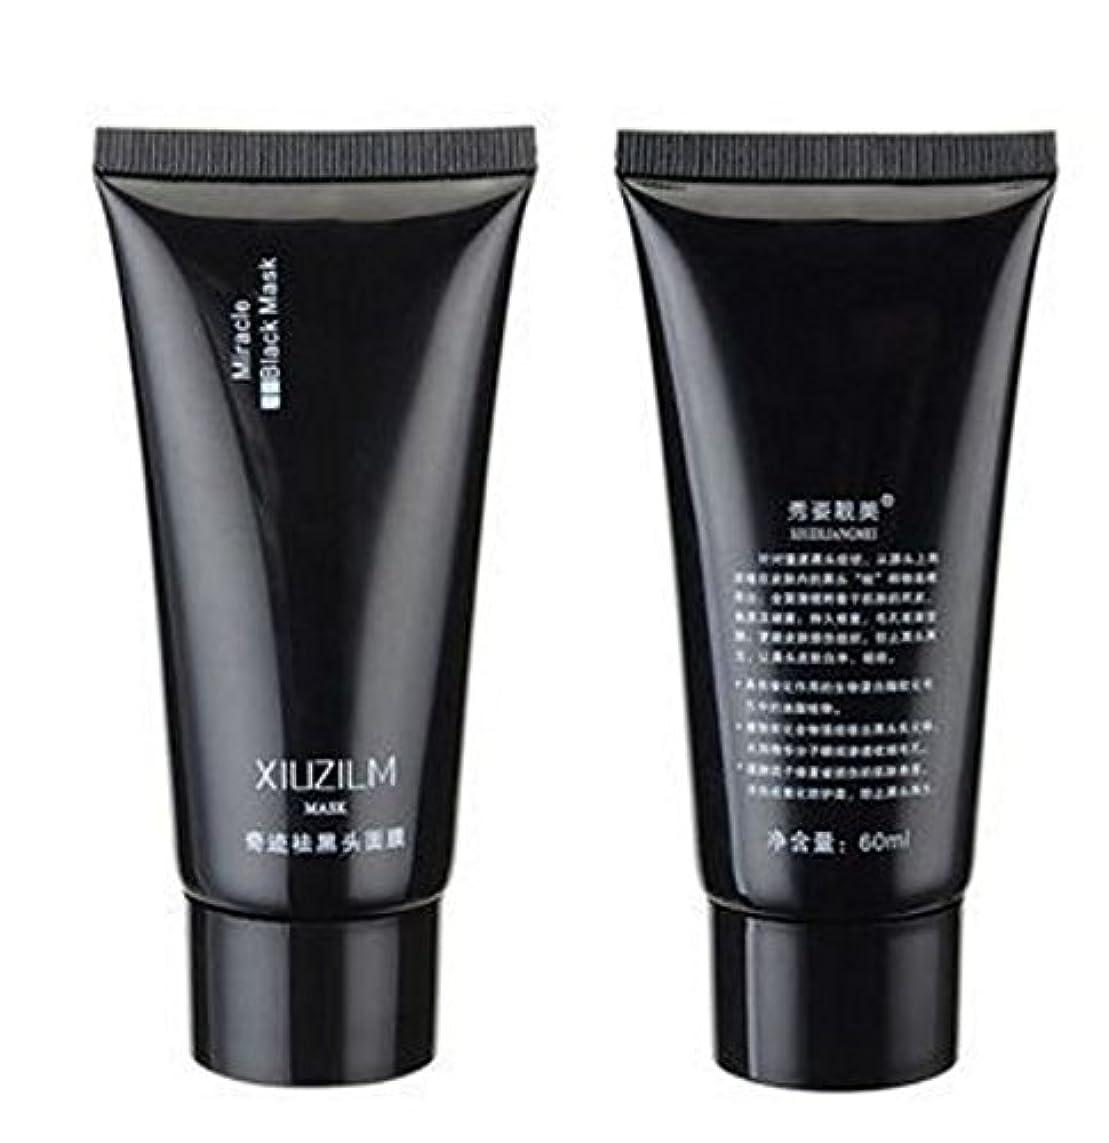 インスタンス化学者登るXIUZILM Blackheadマスク泥鼻面ブラックClean Pore Peel Off Remover Deep Cleaner Purifying by saturday24